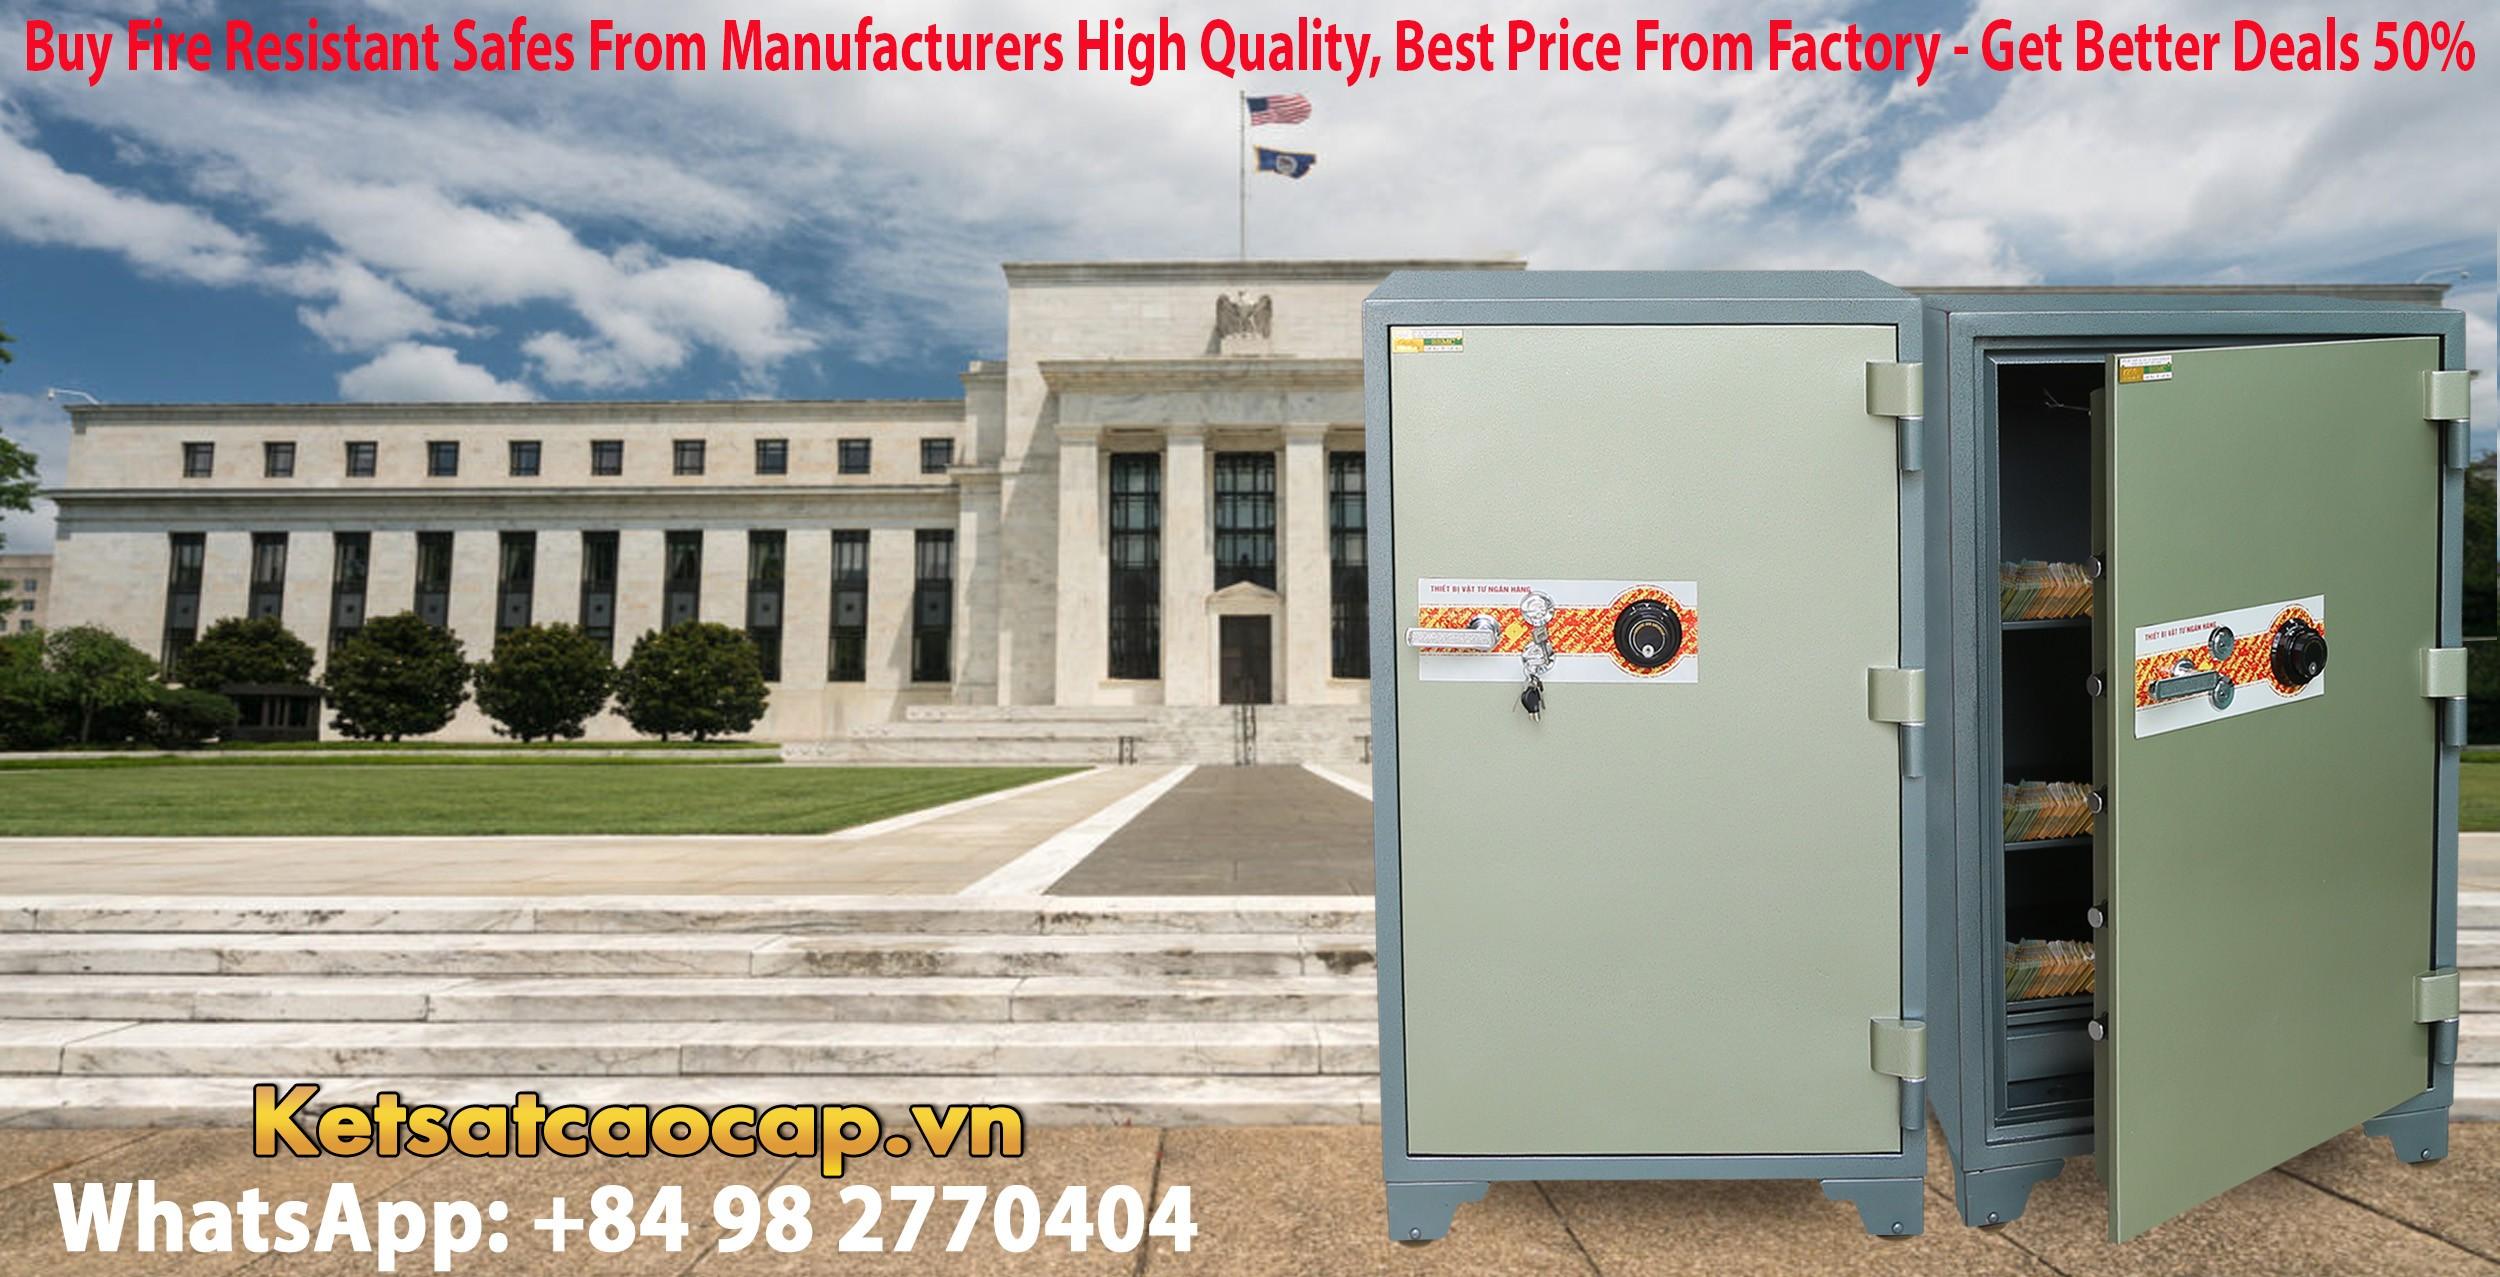 hình ảnh sản phẩm két sắt ngân hàng cỡ lớn hà nội